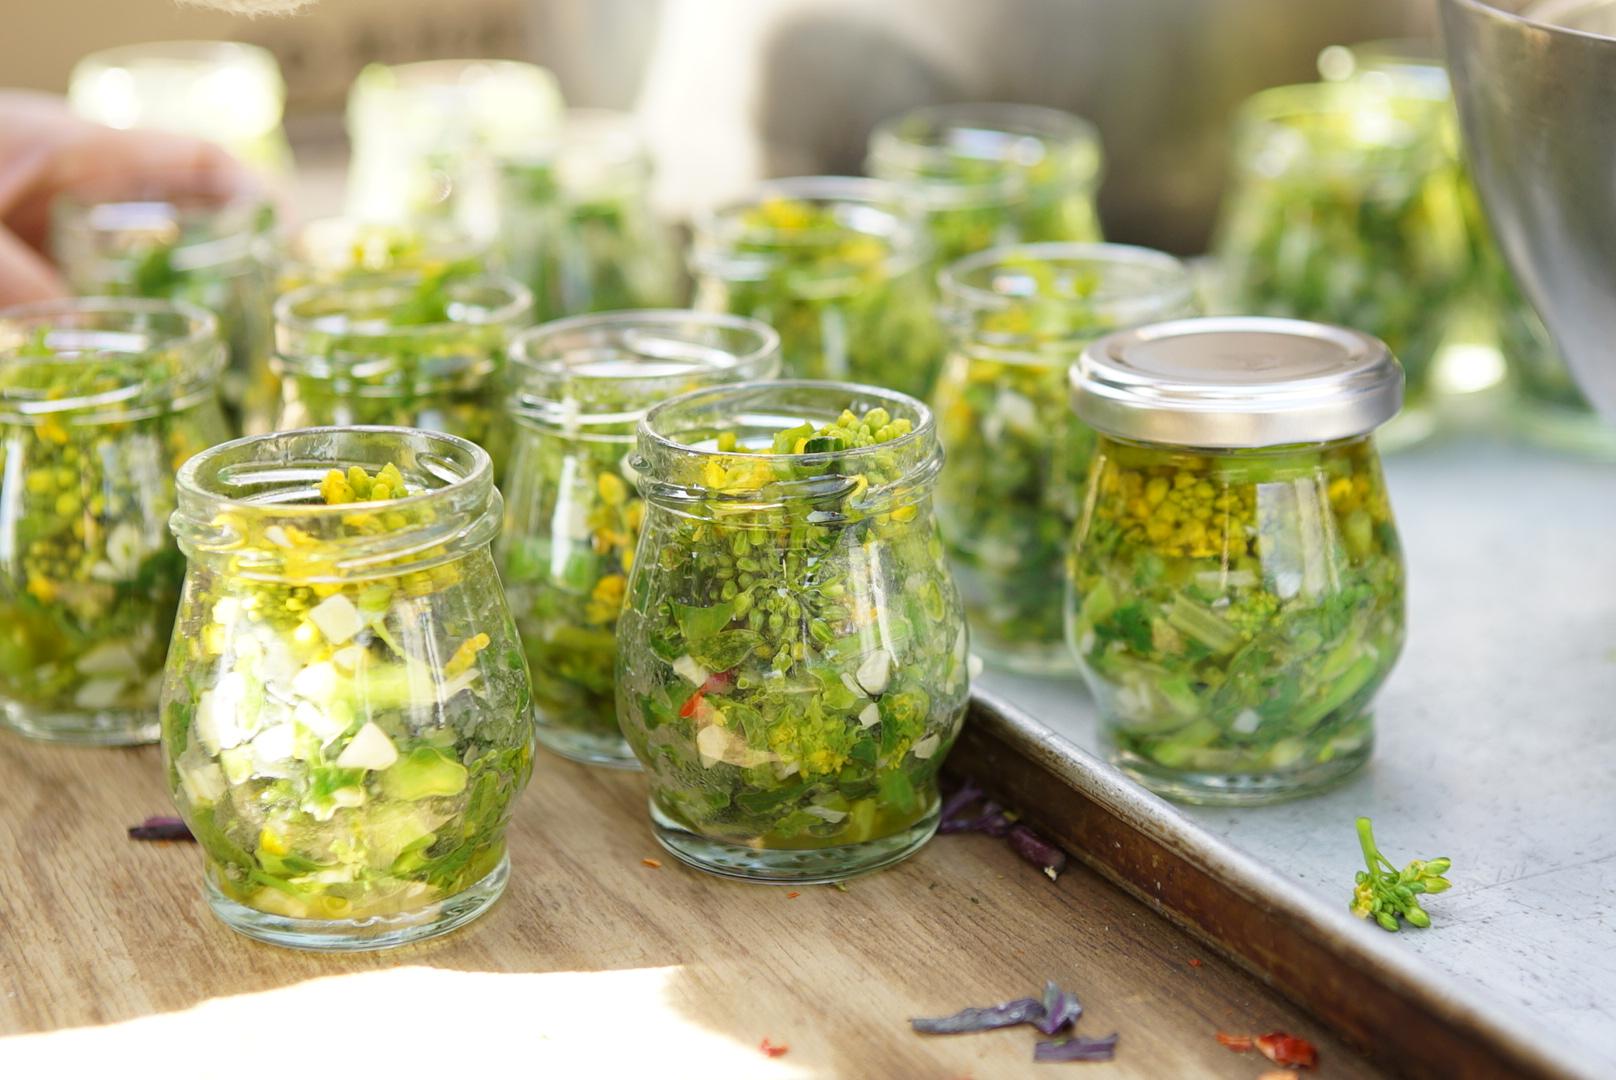 3.HOME CANNINGホームキャニング - ・瓶詰めでどんな料理をしたか、おすすめの食べ方などをonlineコミュニティで共有。・おまかせ野菜セットをご自宅にお届け。・クラスでの経験をもとに自宅でも瓶詰めを楽しむことができ、日々の食卓に農園の食材が生かされます。